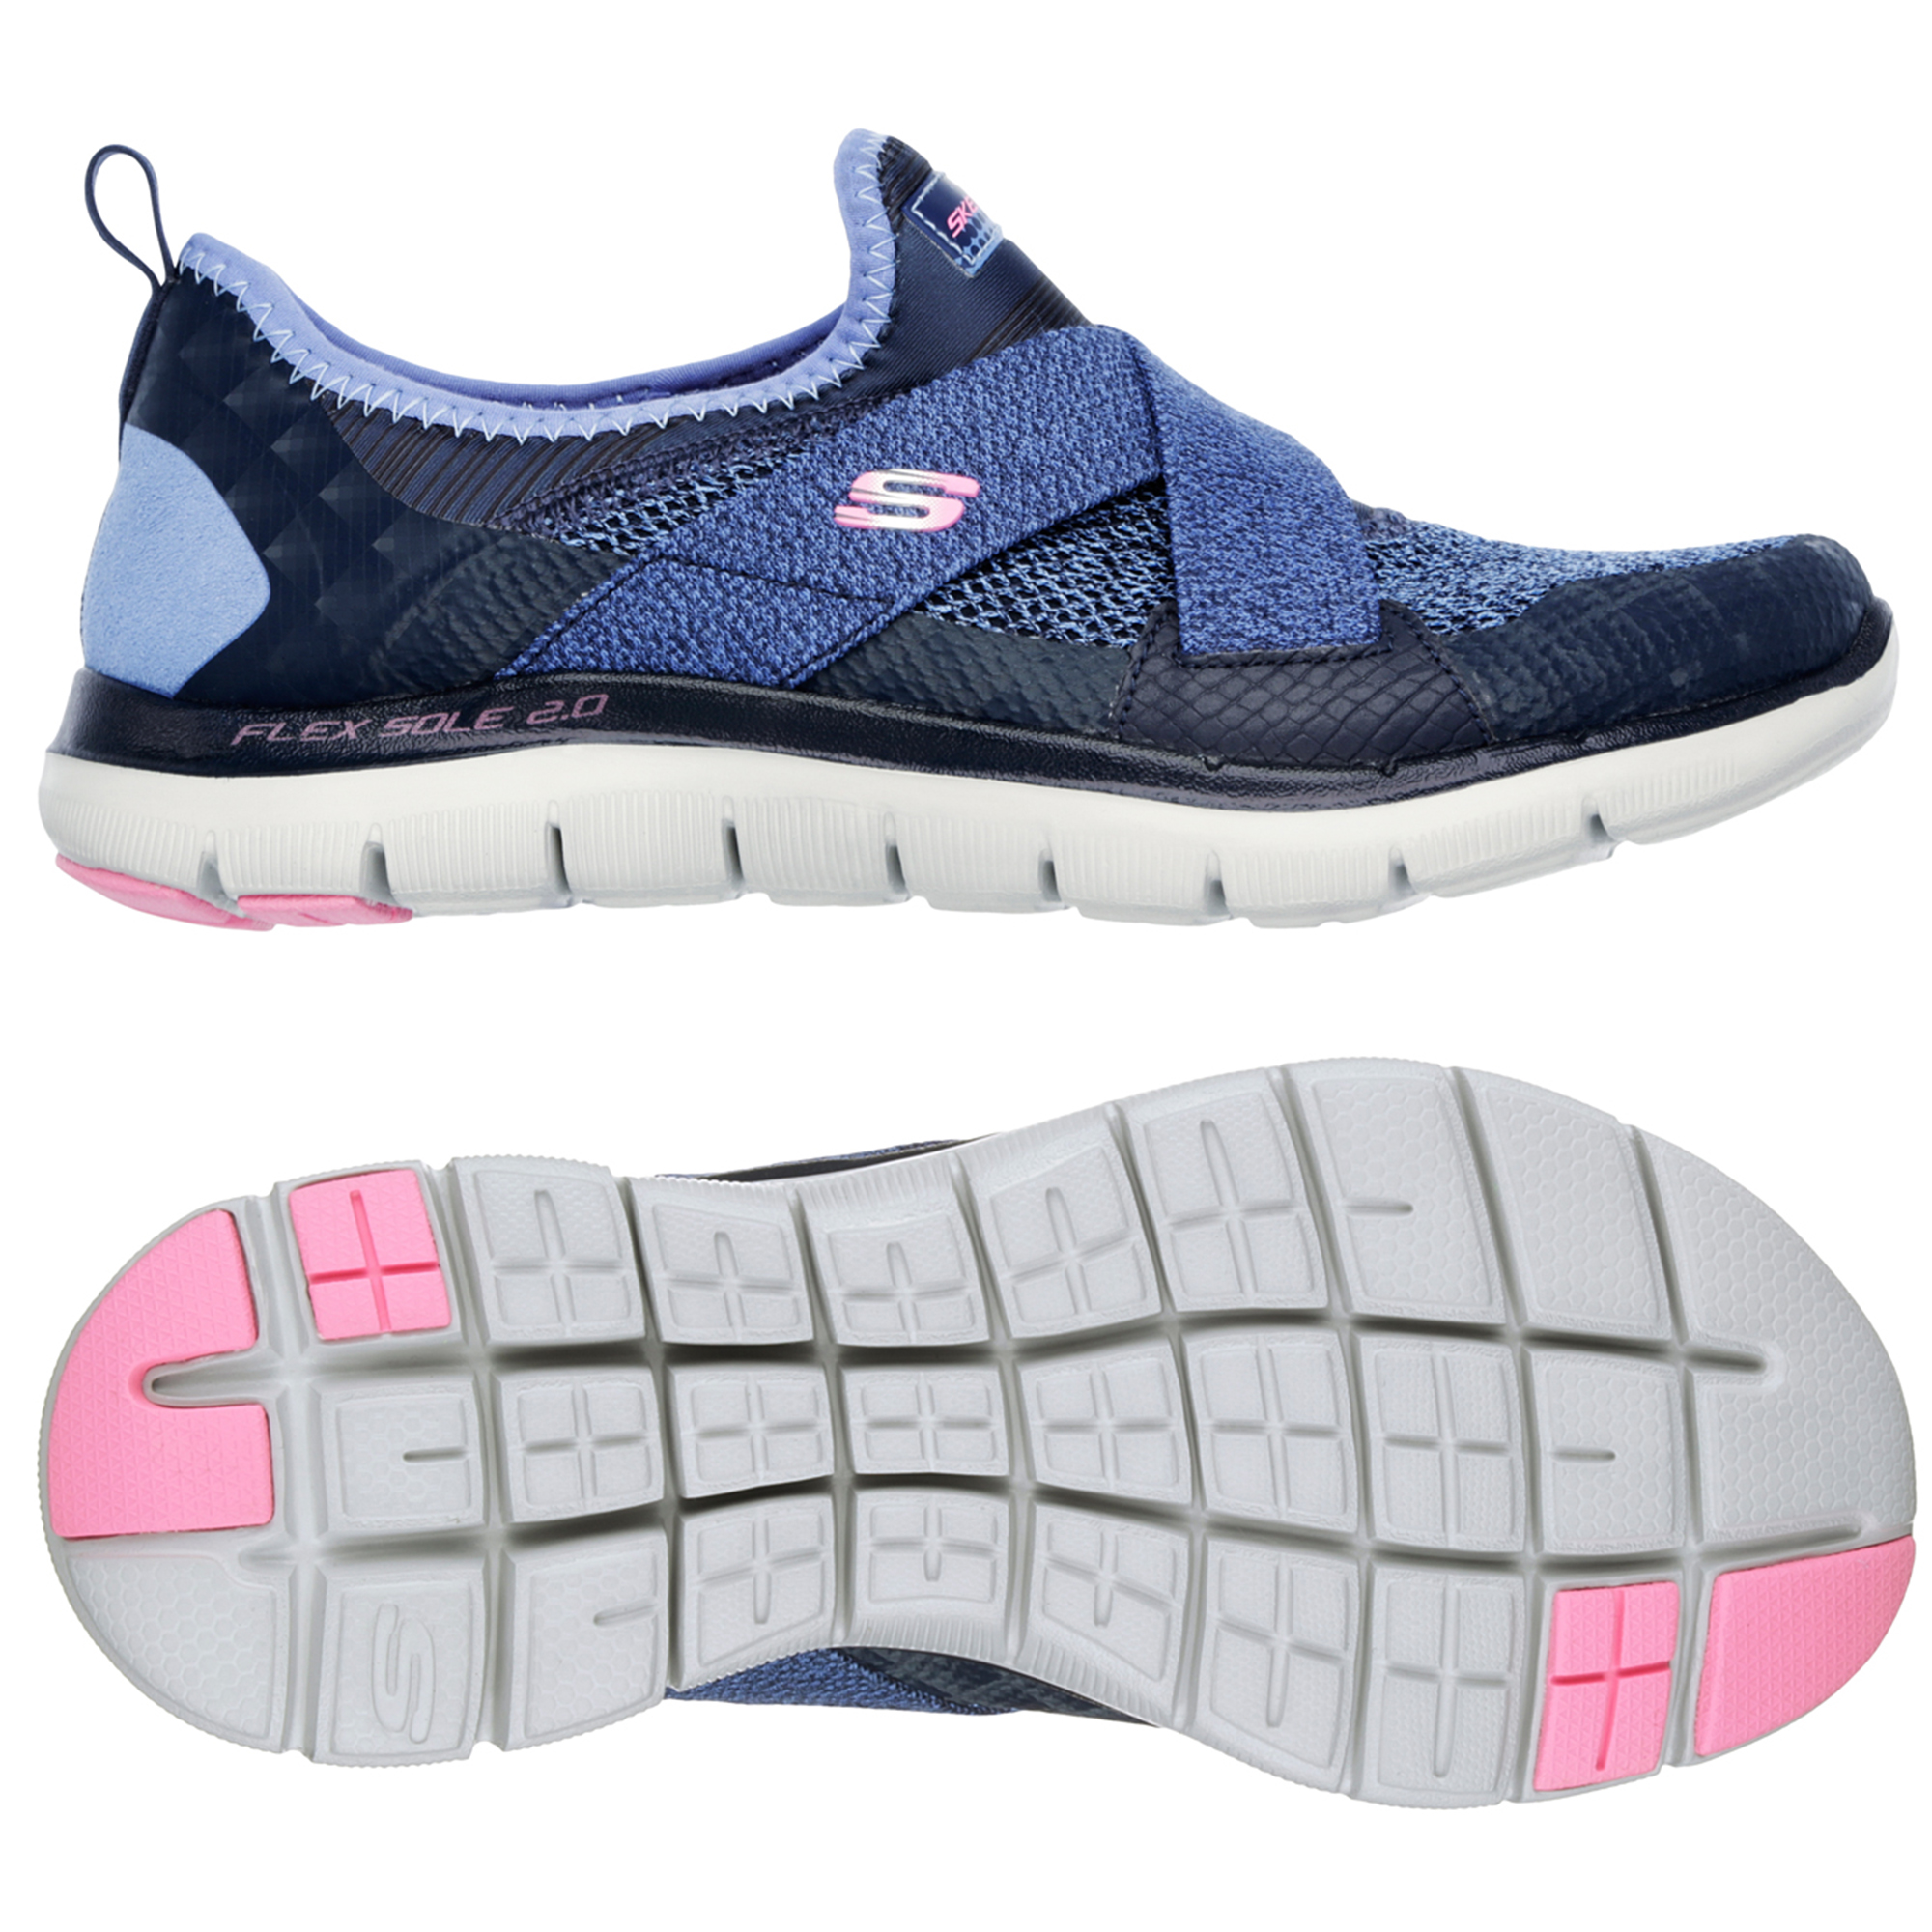 Skechers Flex Appeal New Image Ladies Walking Shoes  8 UK